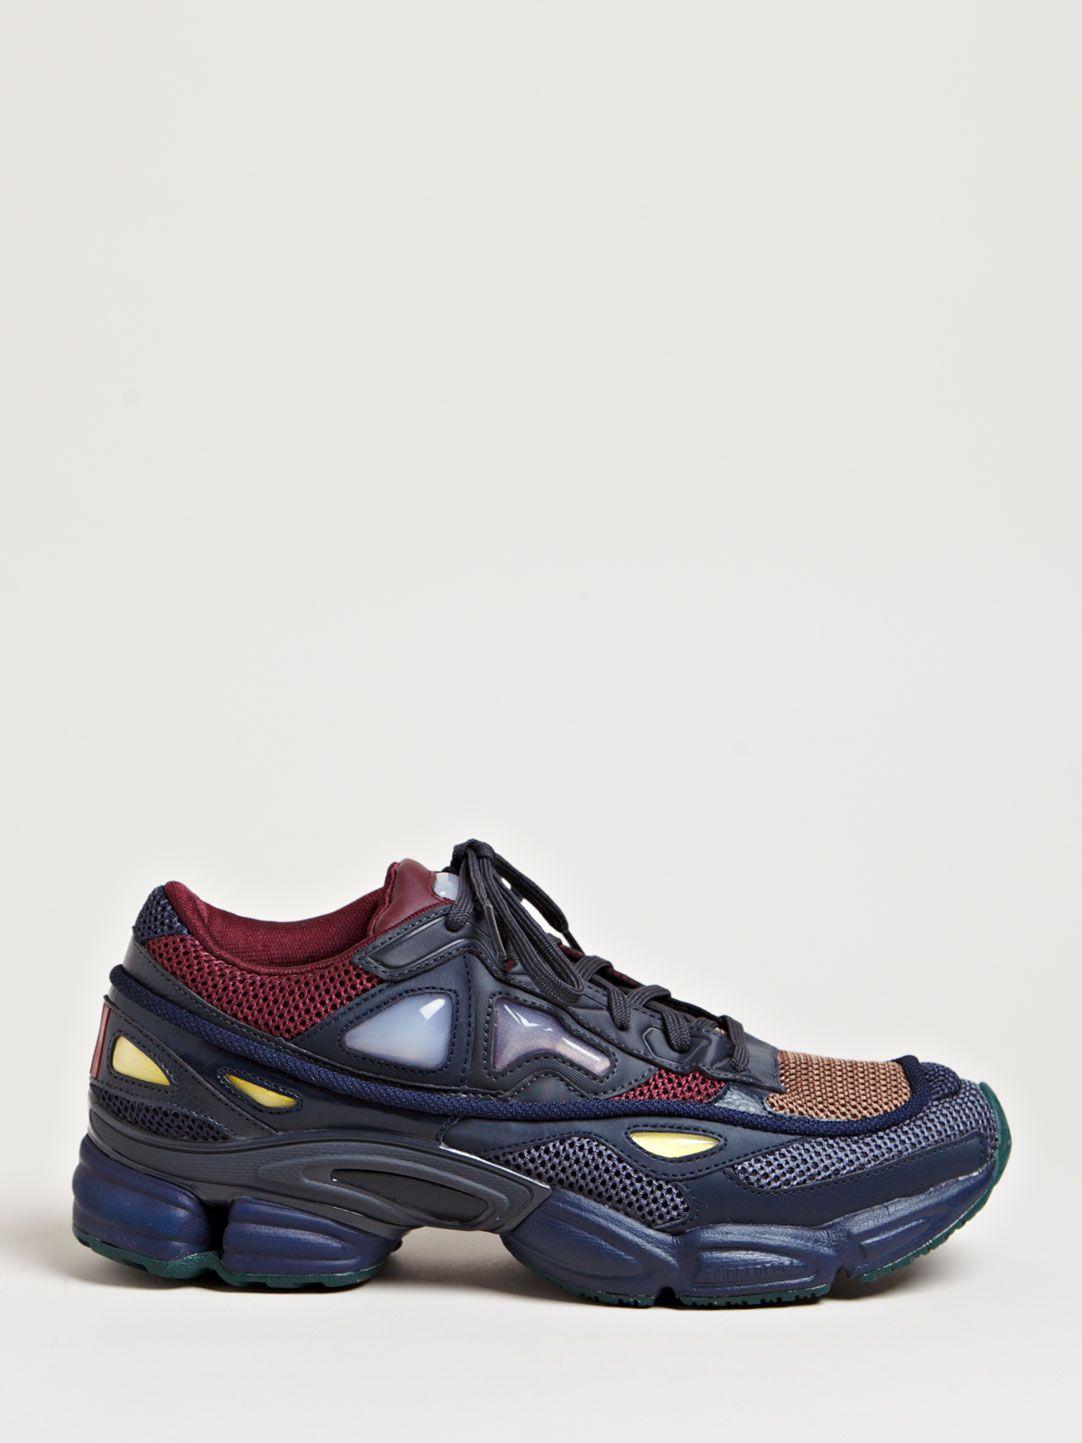 Mens fashion casual shoes, Raf simons shoes